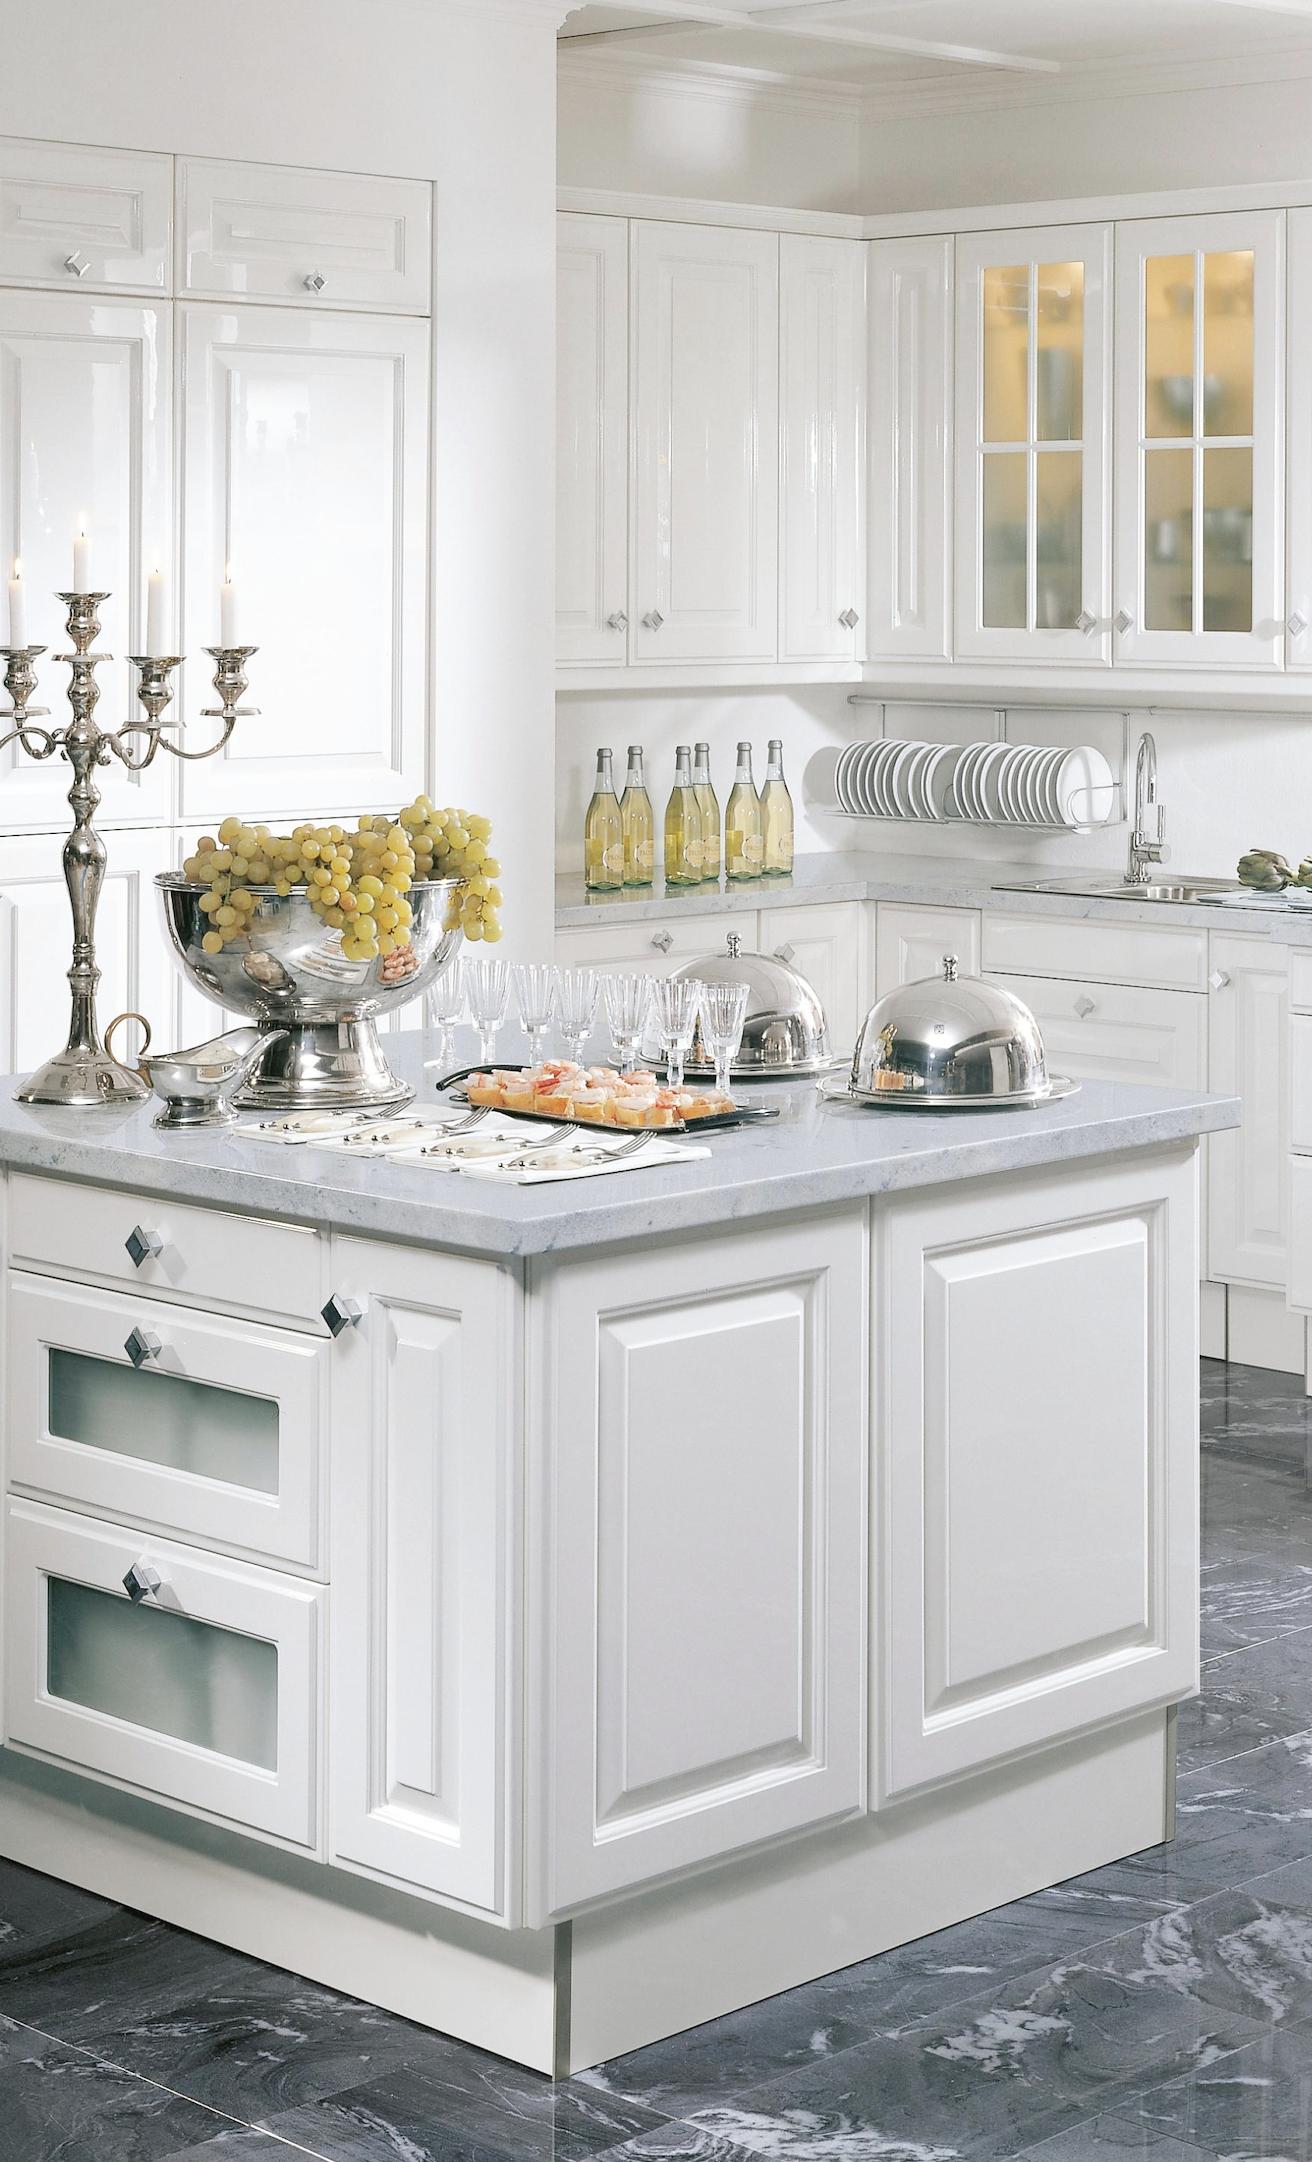 Gestalte in einem unserer Möbelhäuser deine Wunschküche so